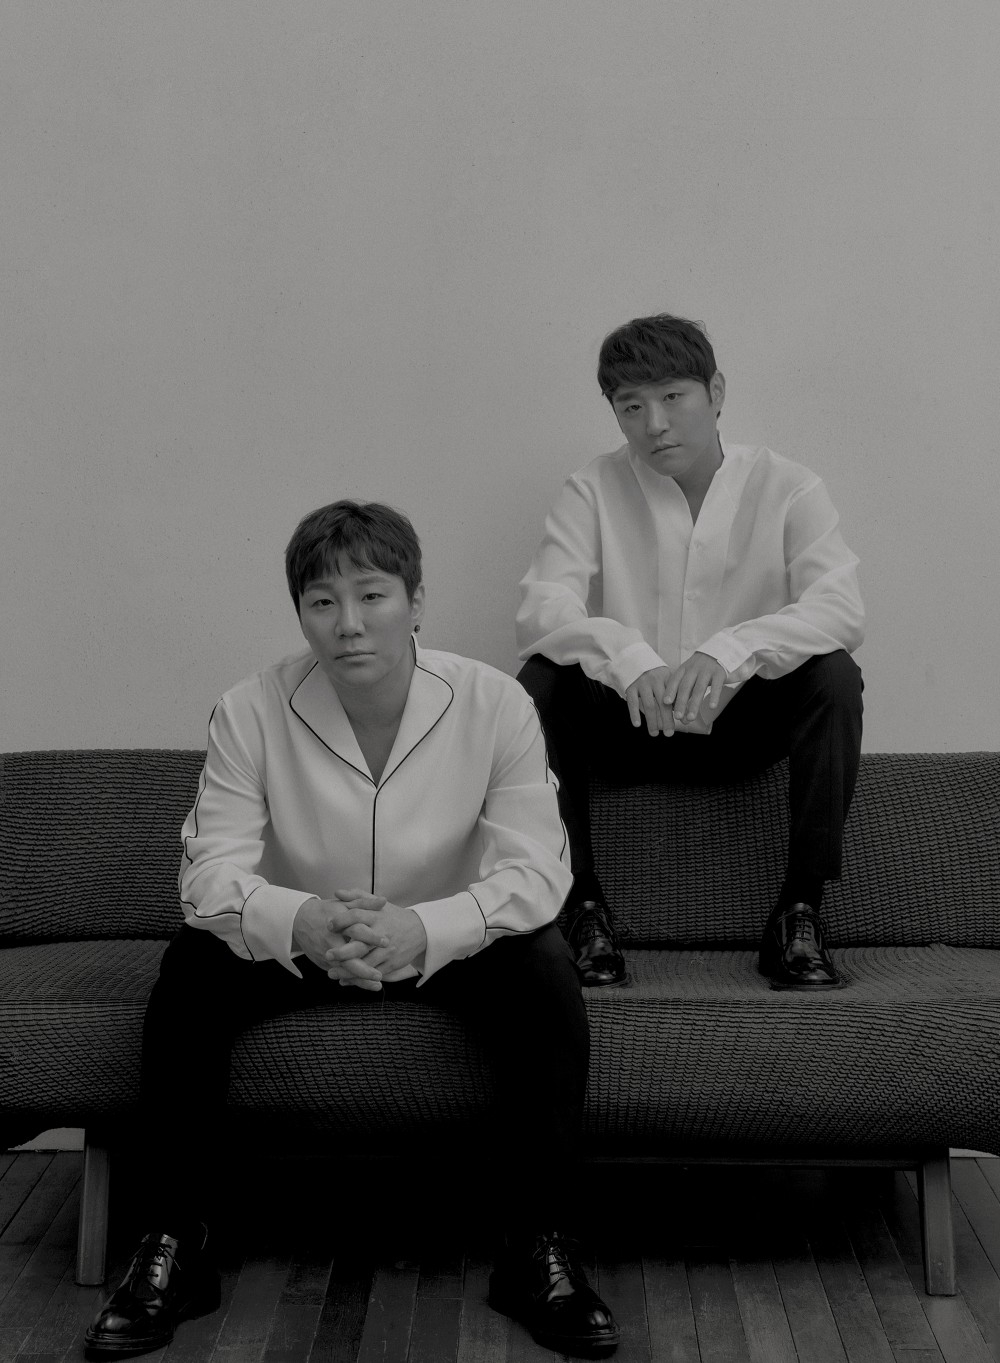 30일(수), 바이브+보이즈 투 맨 콜라보레이션 앨범 '미워도 다시 한번 (영어 버전)' 발매   인스티즈